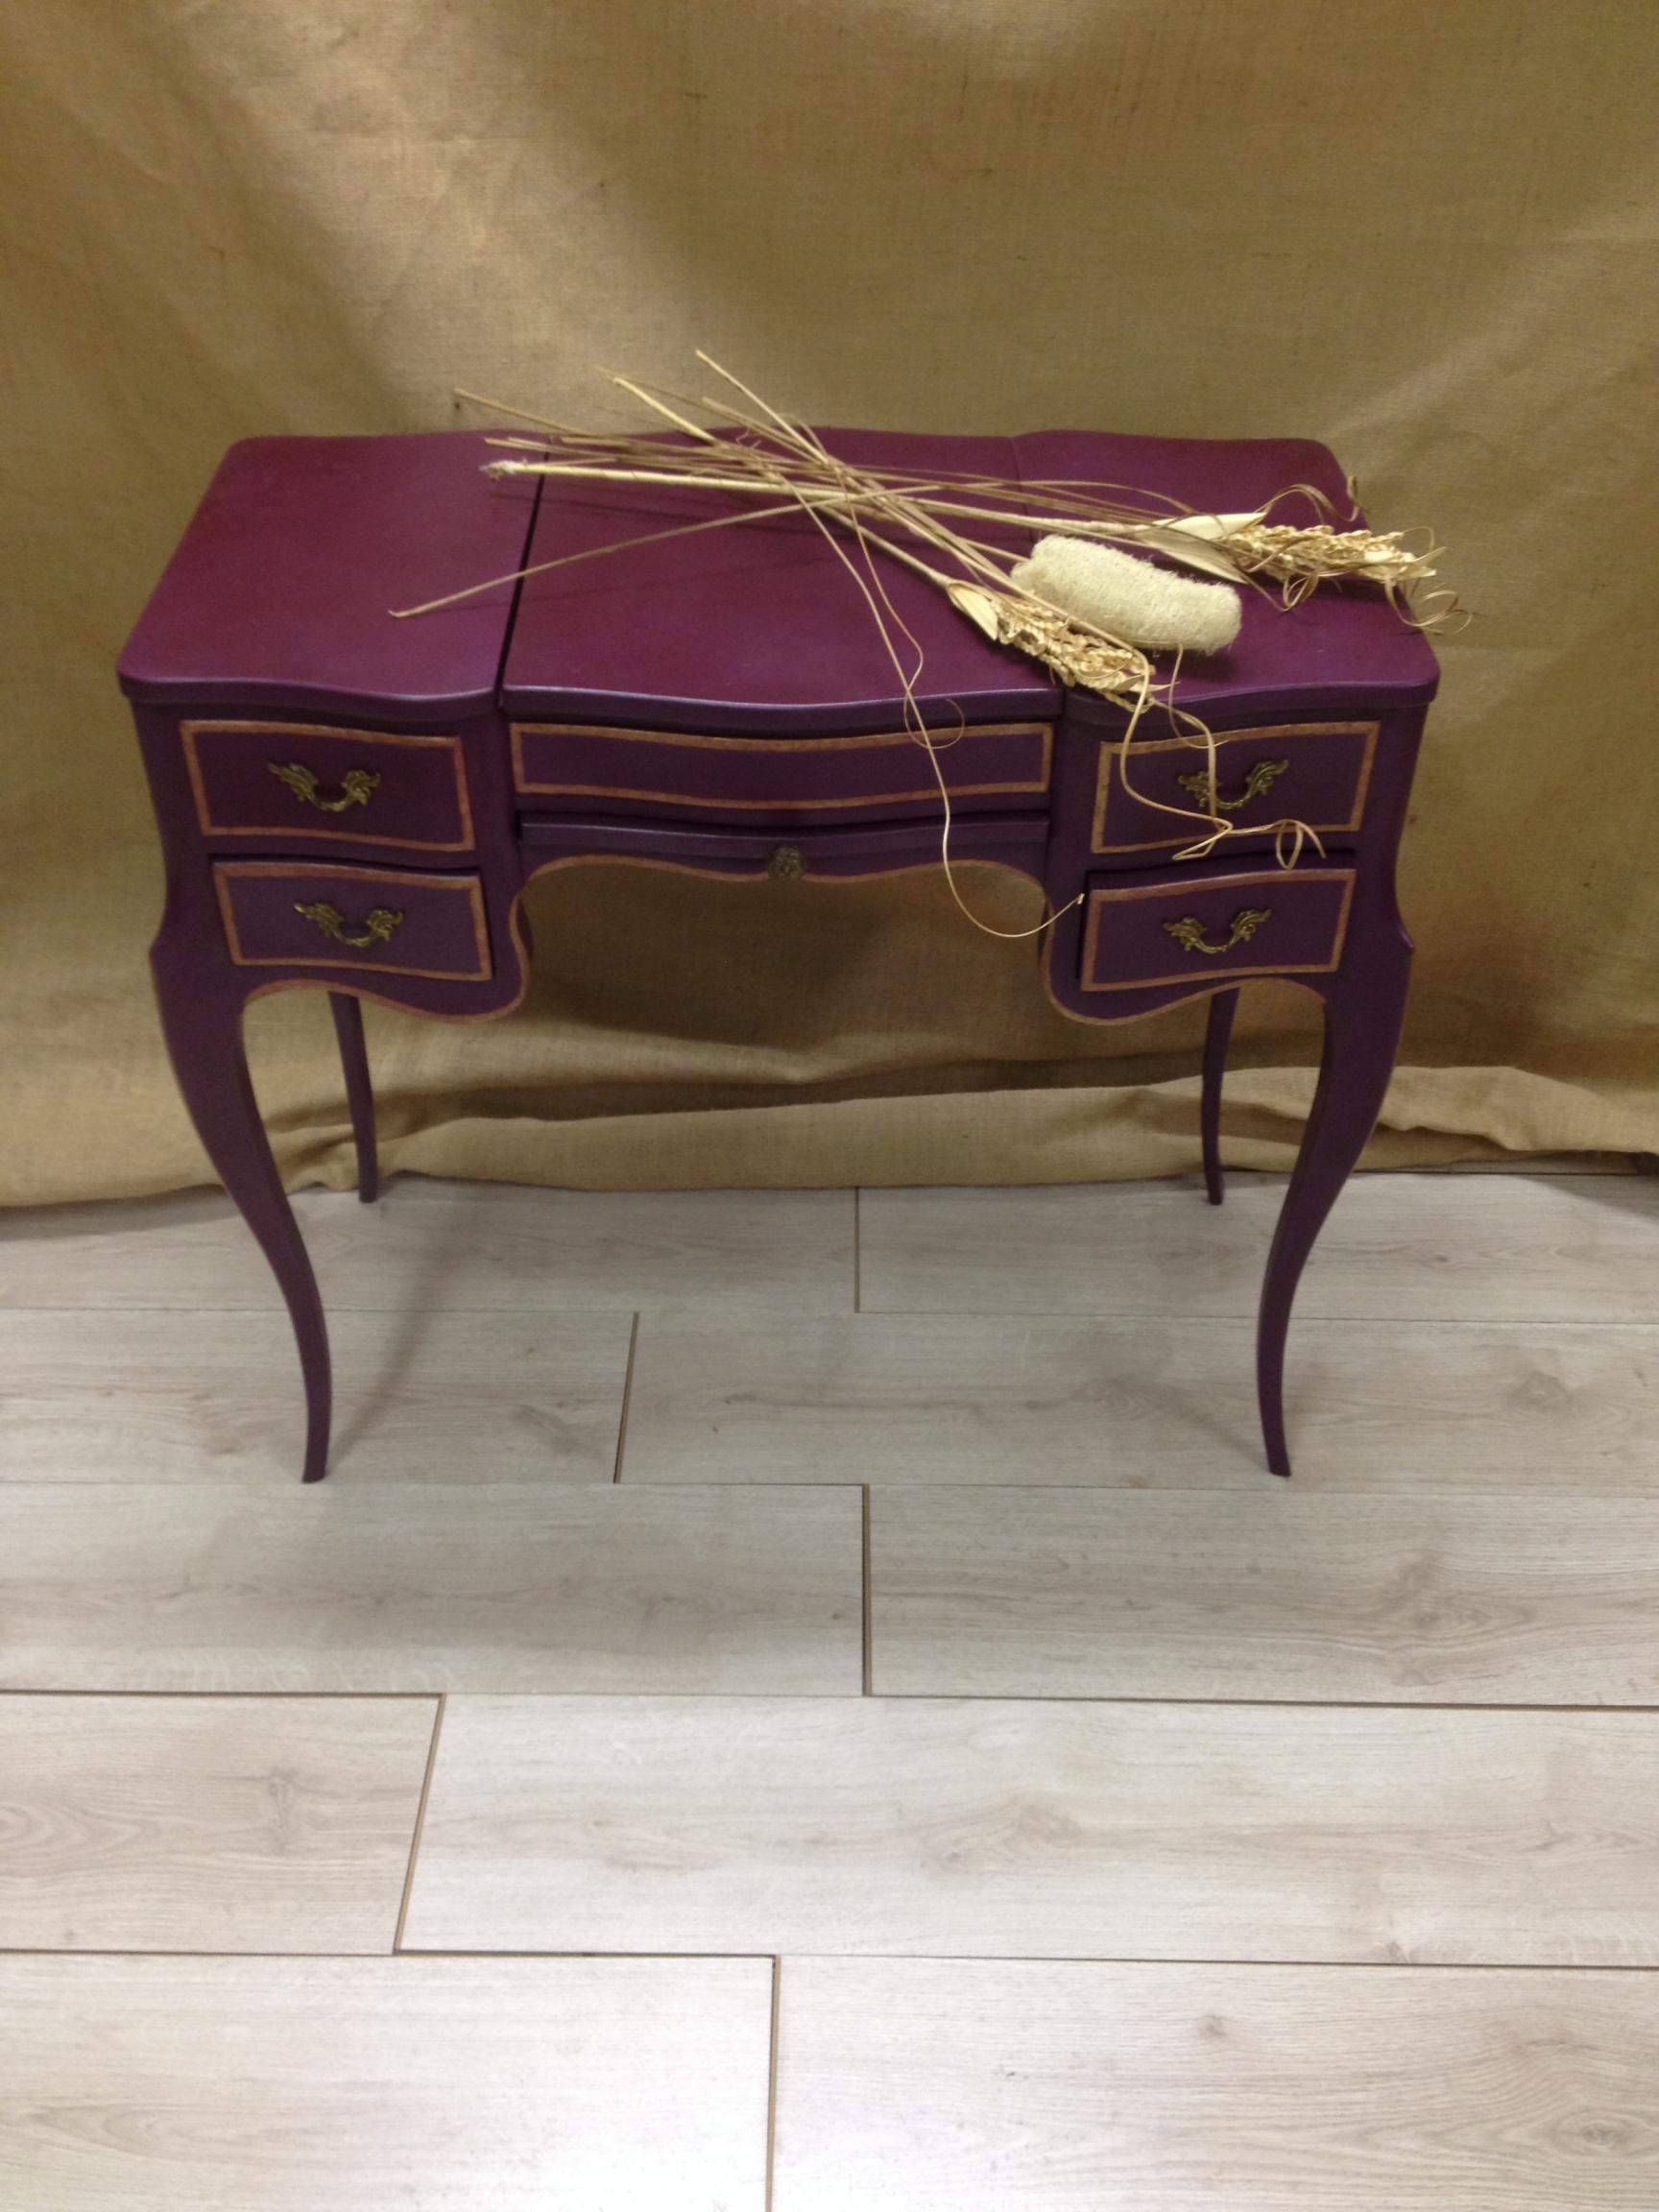 Actualité de corinne renault Restaurations de meubles Art de la Table et Décoration